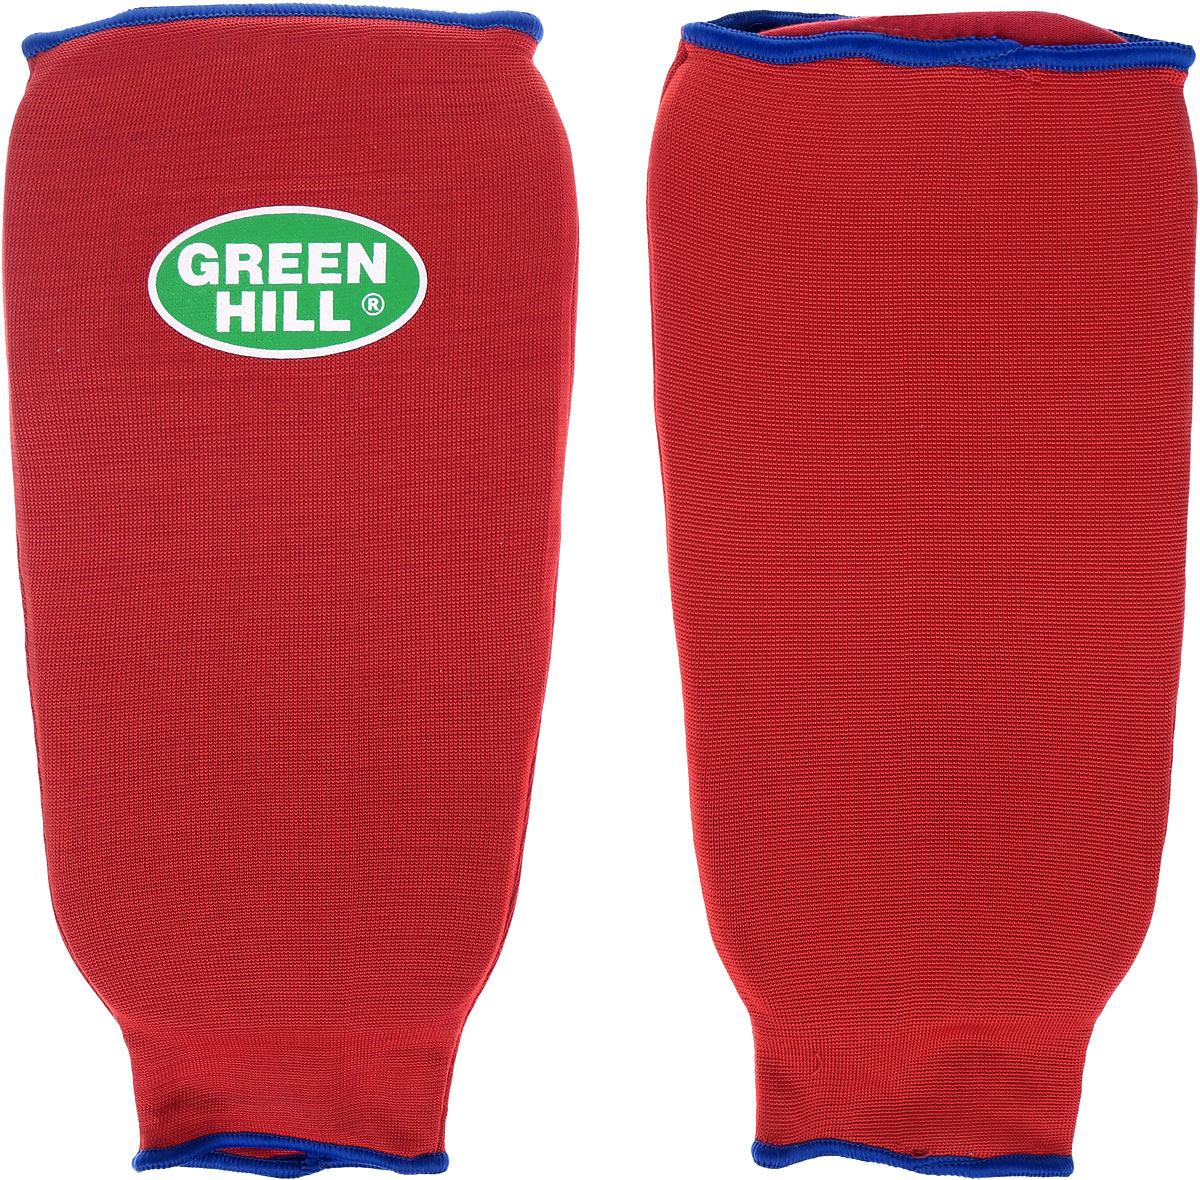 Защита голени Green Hill, цвет: красный, синий. Размер L. SPC-6210SPC-6210Защита голени Green Hill с наполнителем, выполненным из вспененного полимера, необходима при занятиях спортом для защиты суставов от вывихов, ушибов и прочих повреждений. Накладки выполнены из высококачественного эластана и хлопка. Длина голени: 28 см. Ширина голени: 16 см.